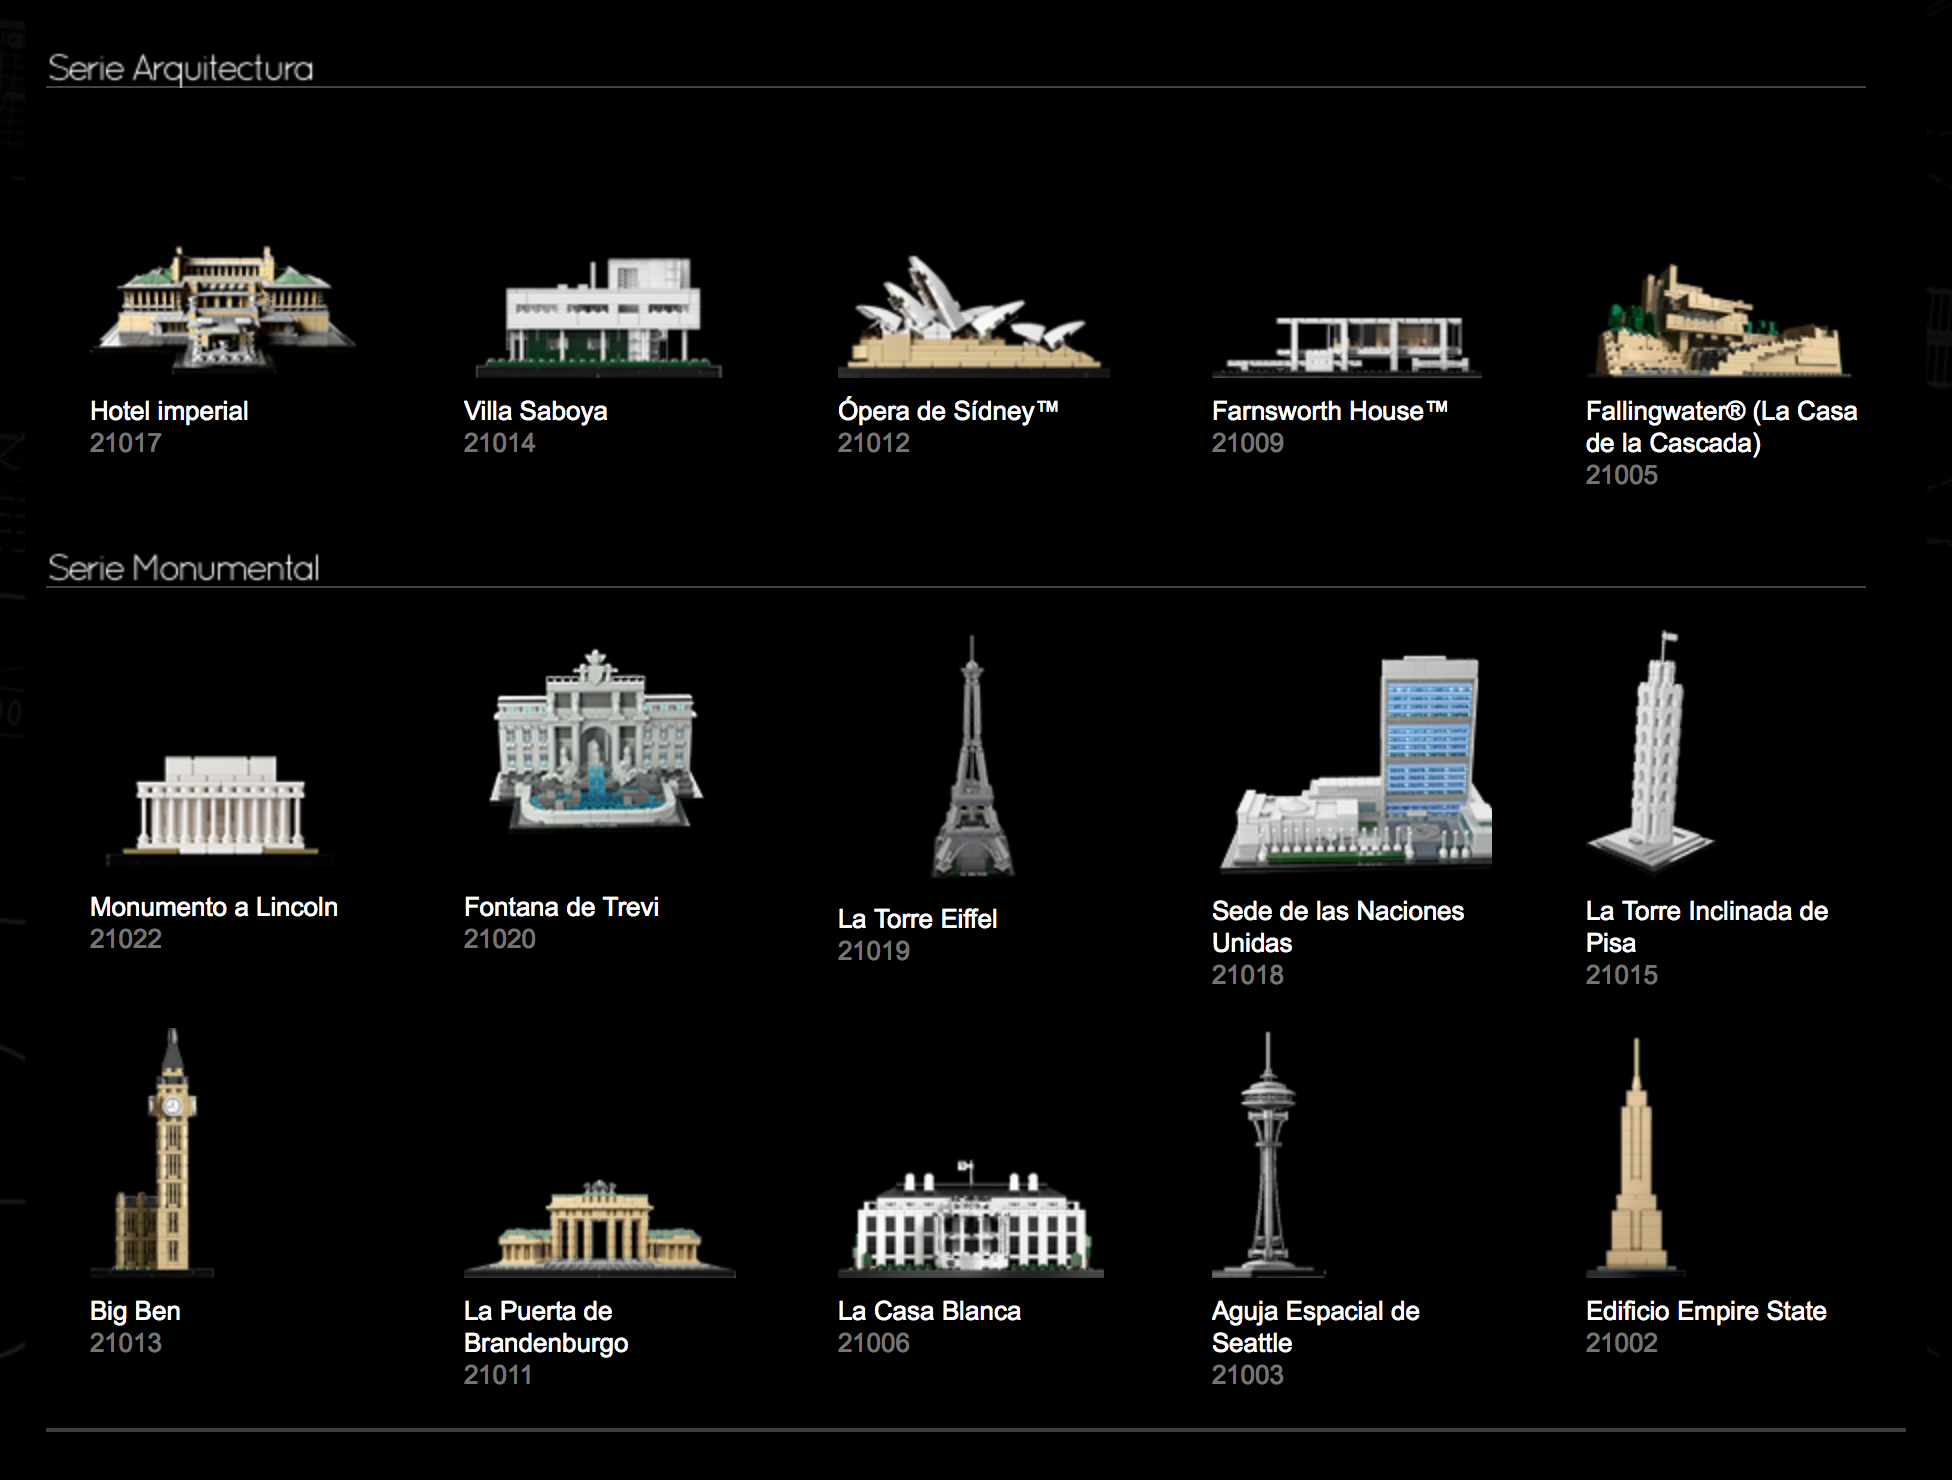 Lego tag plataforma arquitectura for Articulos de arquitectura 2015